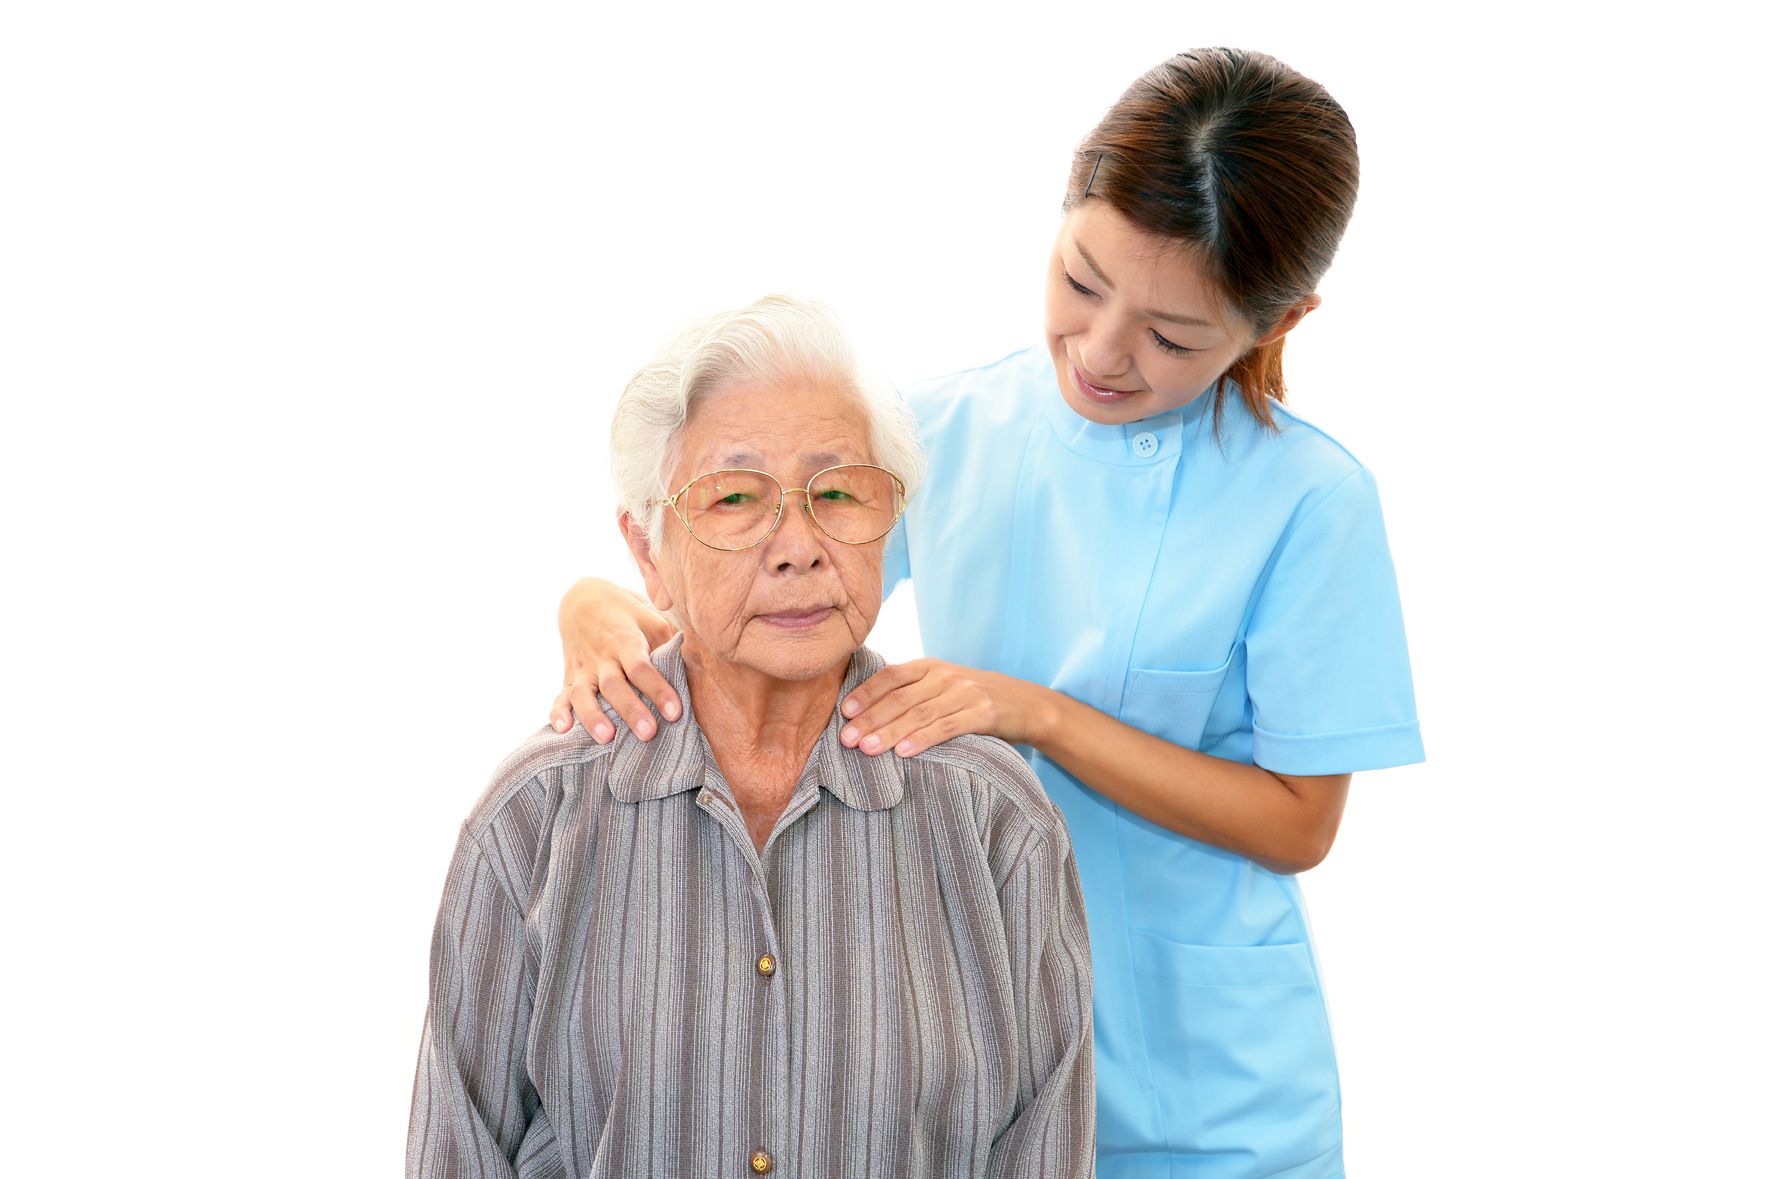 Học Cao đẳng Điều dưỡng để trở thành cánh tay phải của bác sĩ